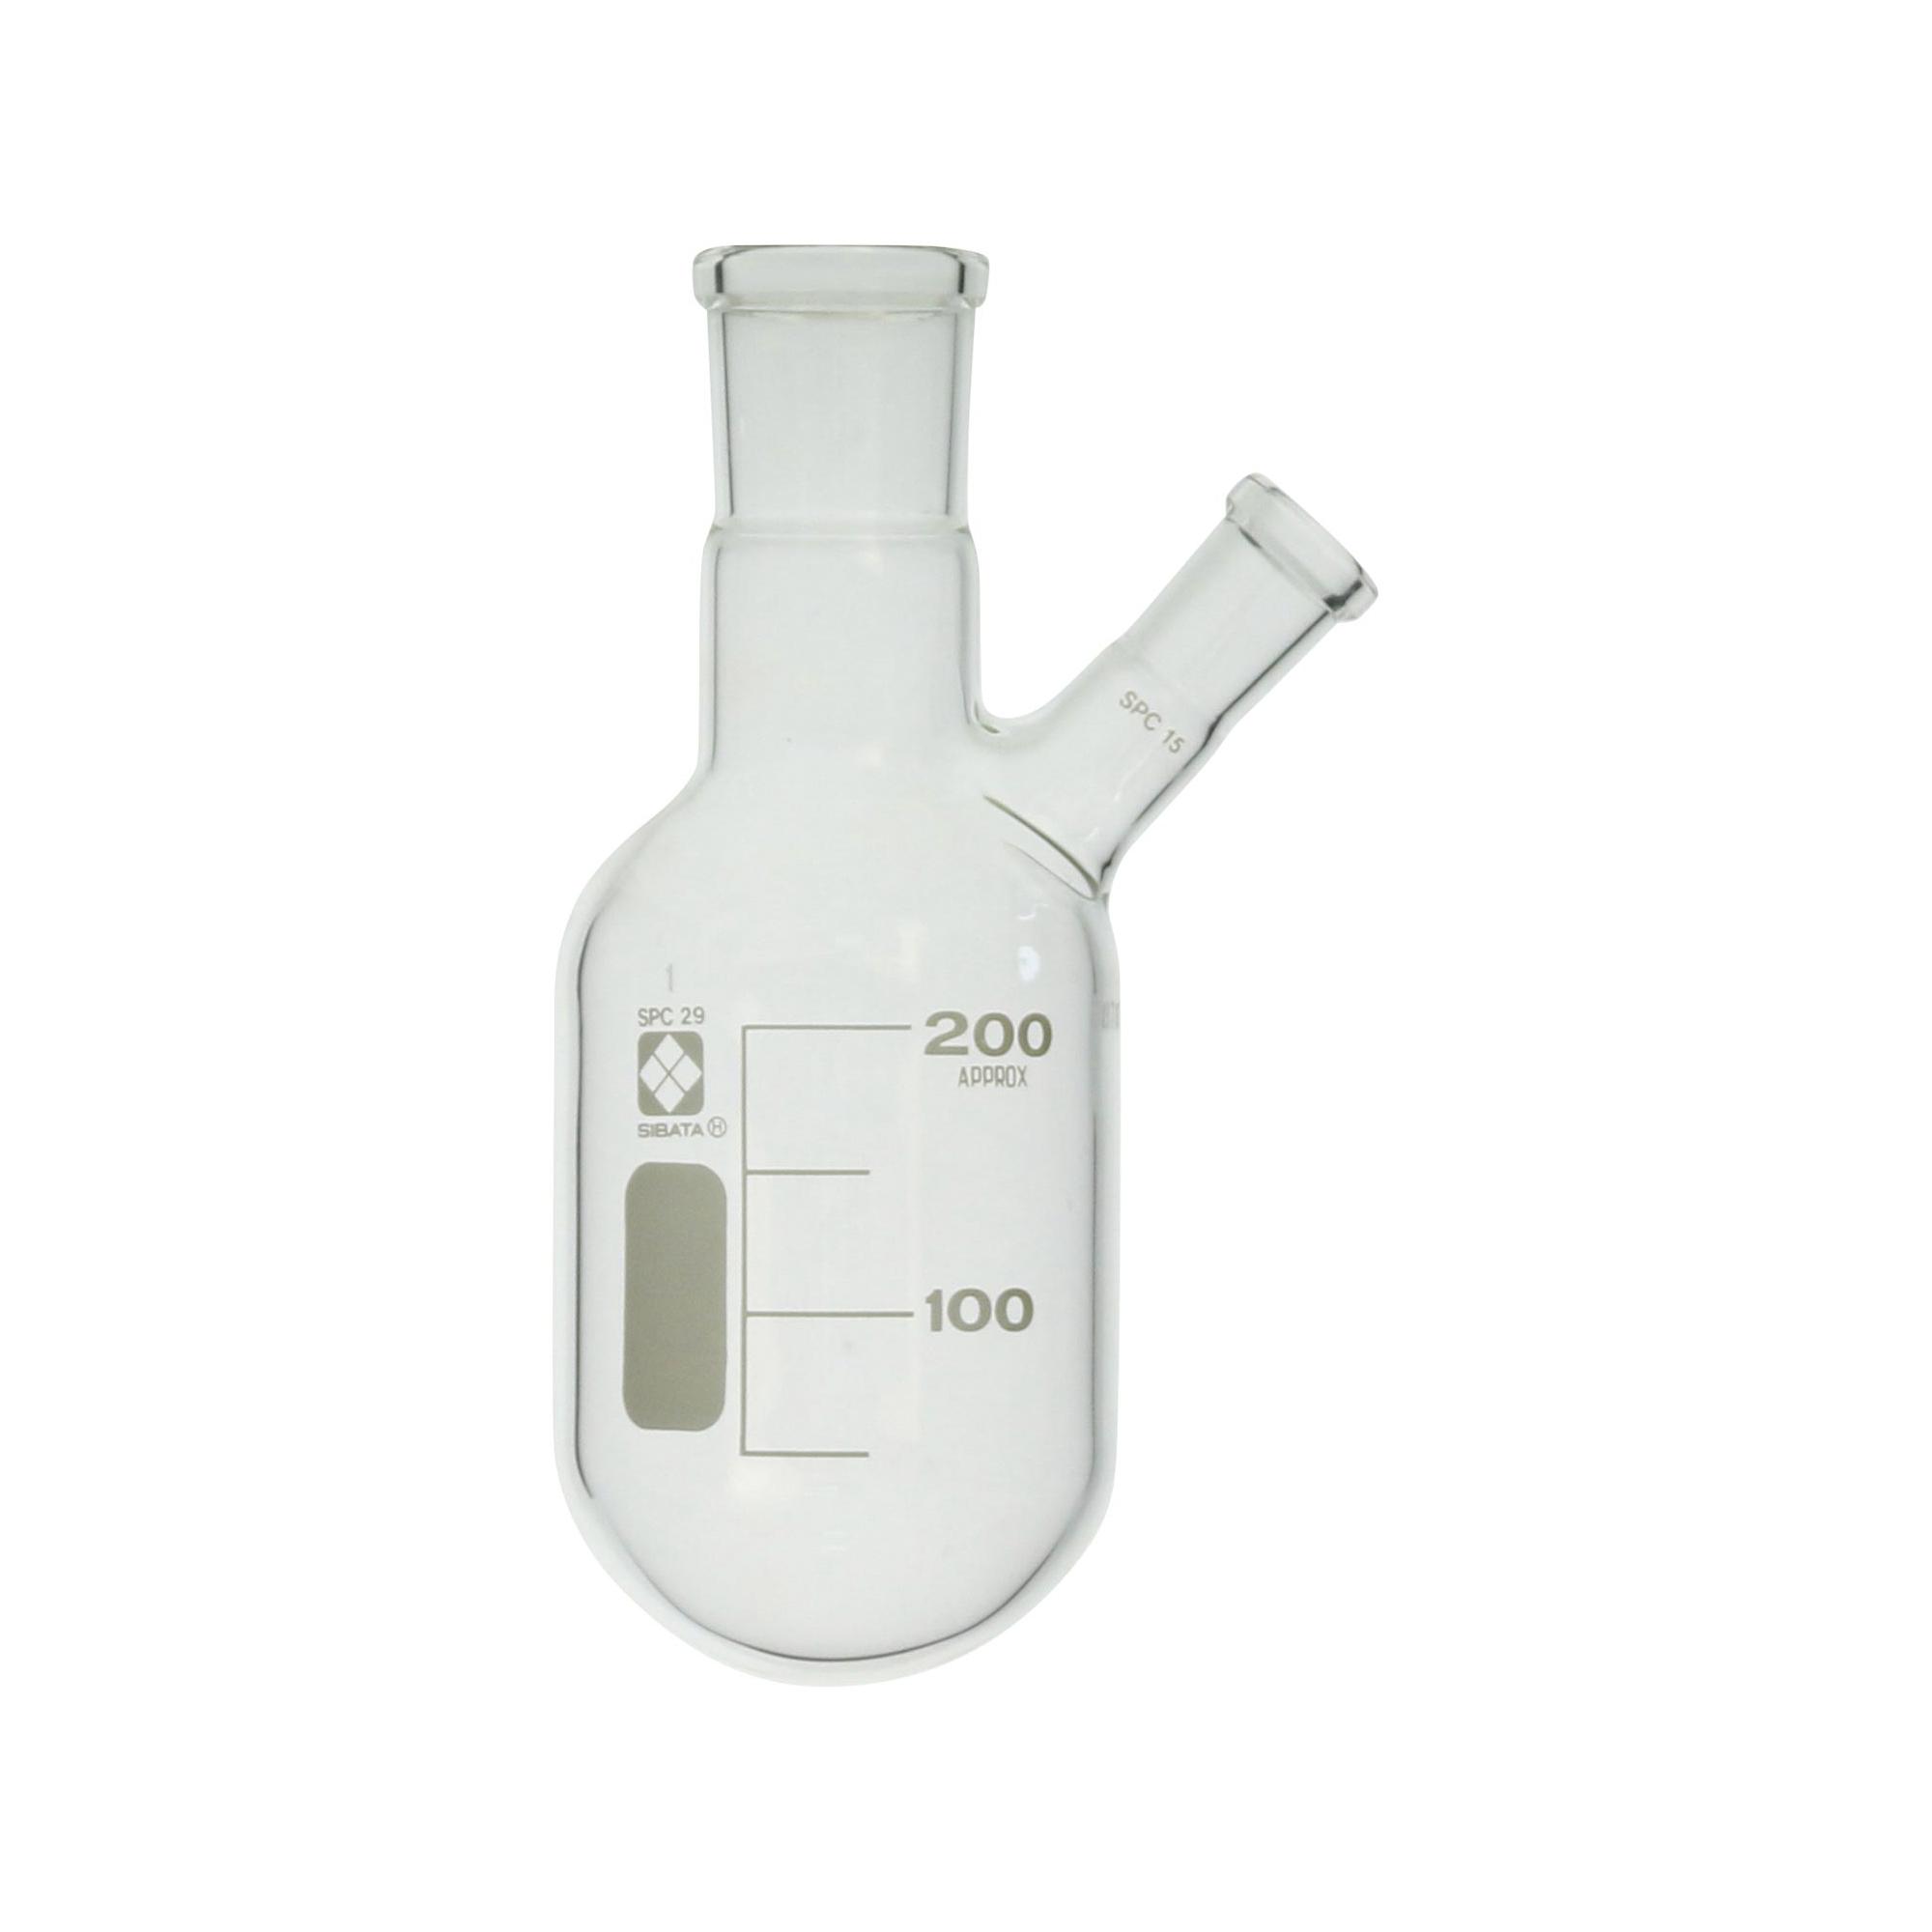 合成·反应装置ケミスト广场CPG - 2000系列用SPC两口反应容器200毫升(CPG - 2120用)|柴田科技有限公司-环境检测设备、科学仪器的制造销售